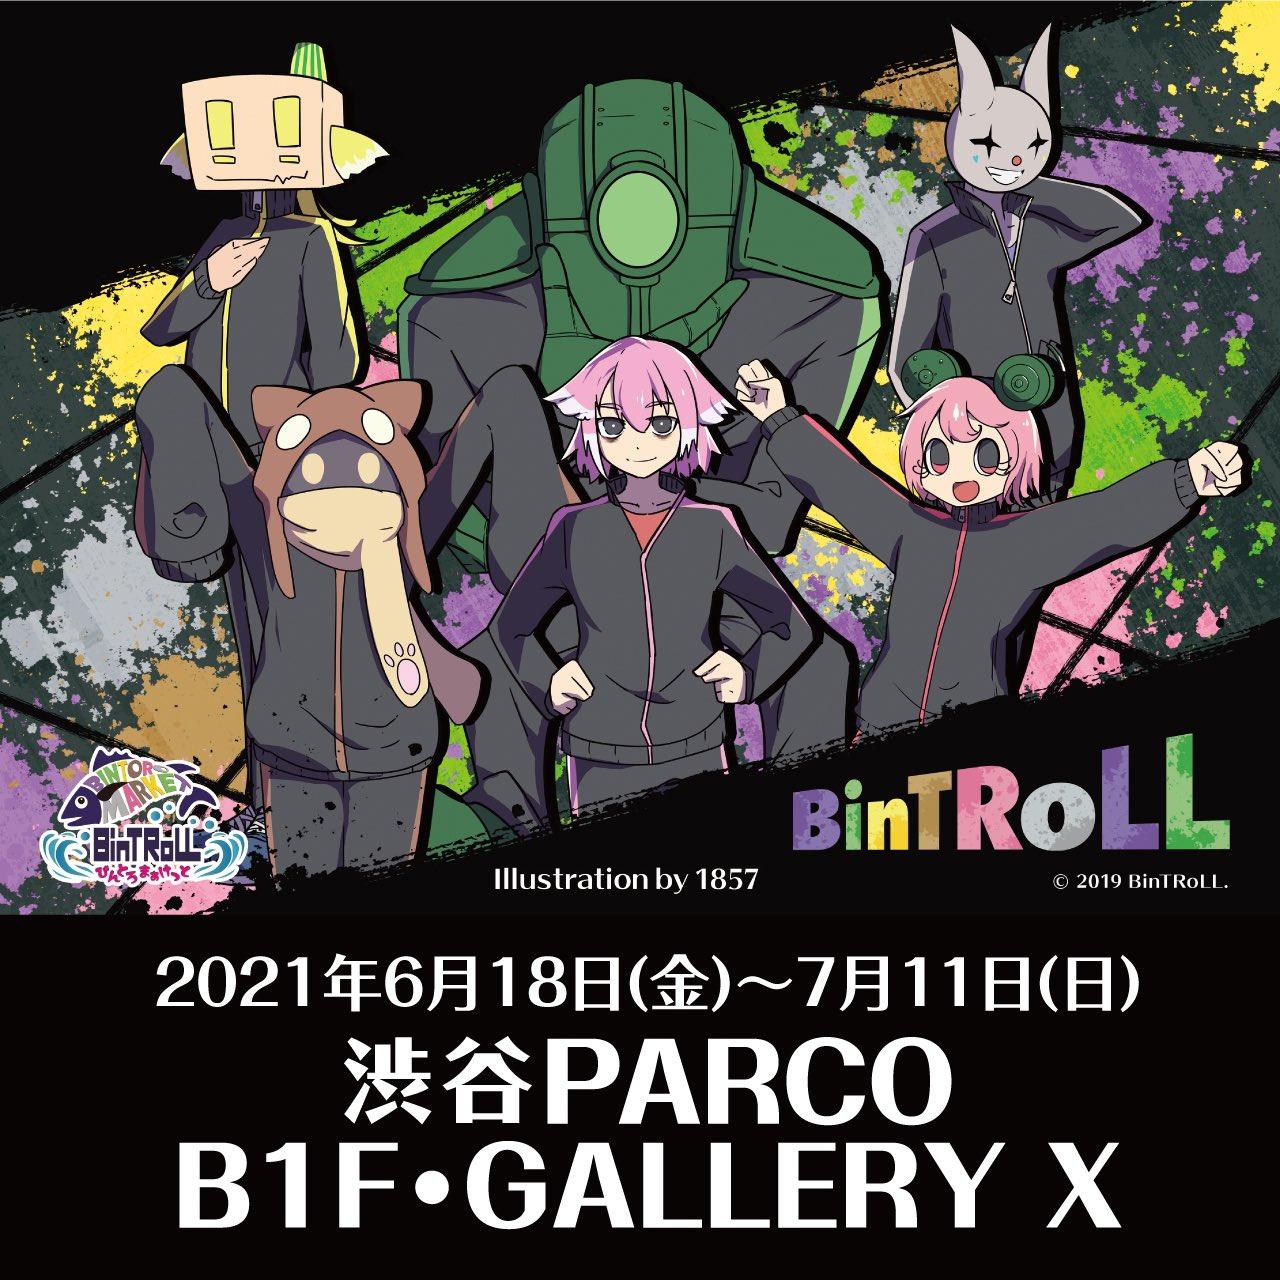 6/26(土)入場予約チケット(先着・無料) BinTRoLL『びんとろまぁけっと』in 渋谷PARCO